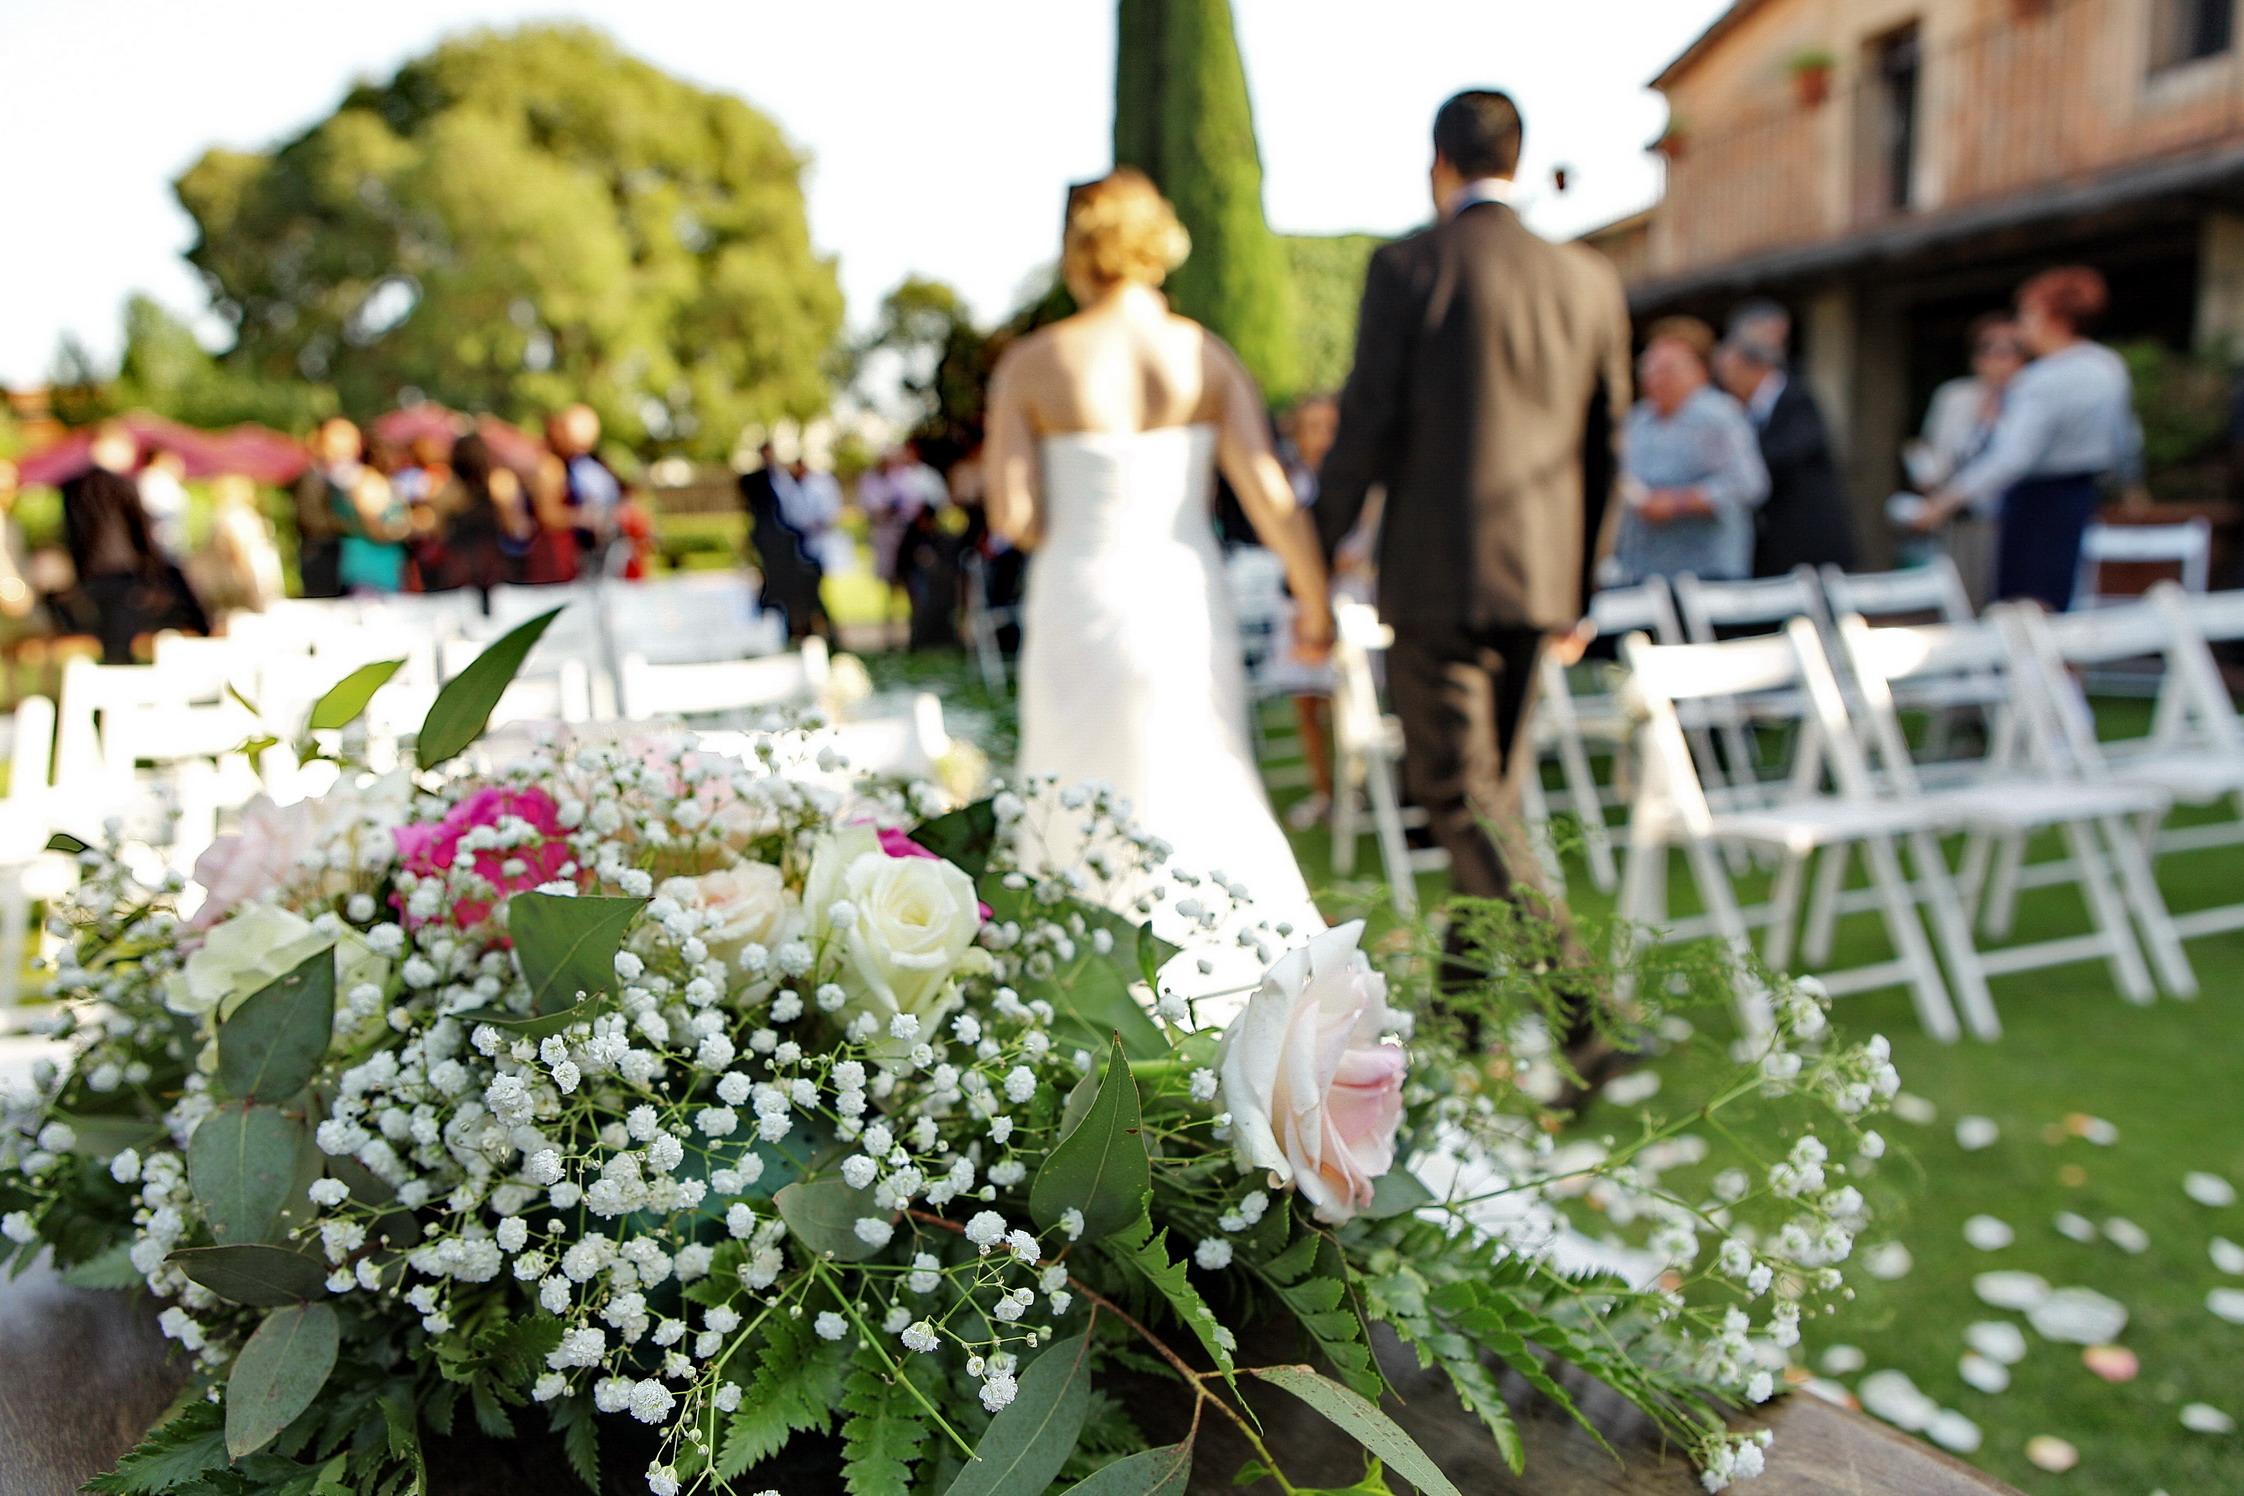 5 simples pasos para celebrar una boda civil en casa - Fotos boda civil ...